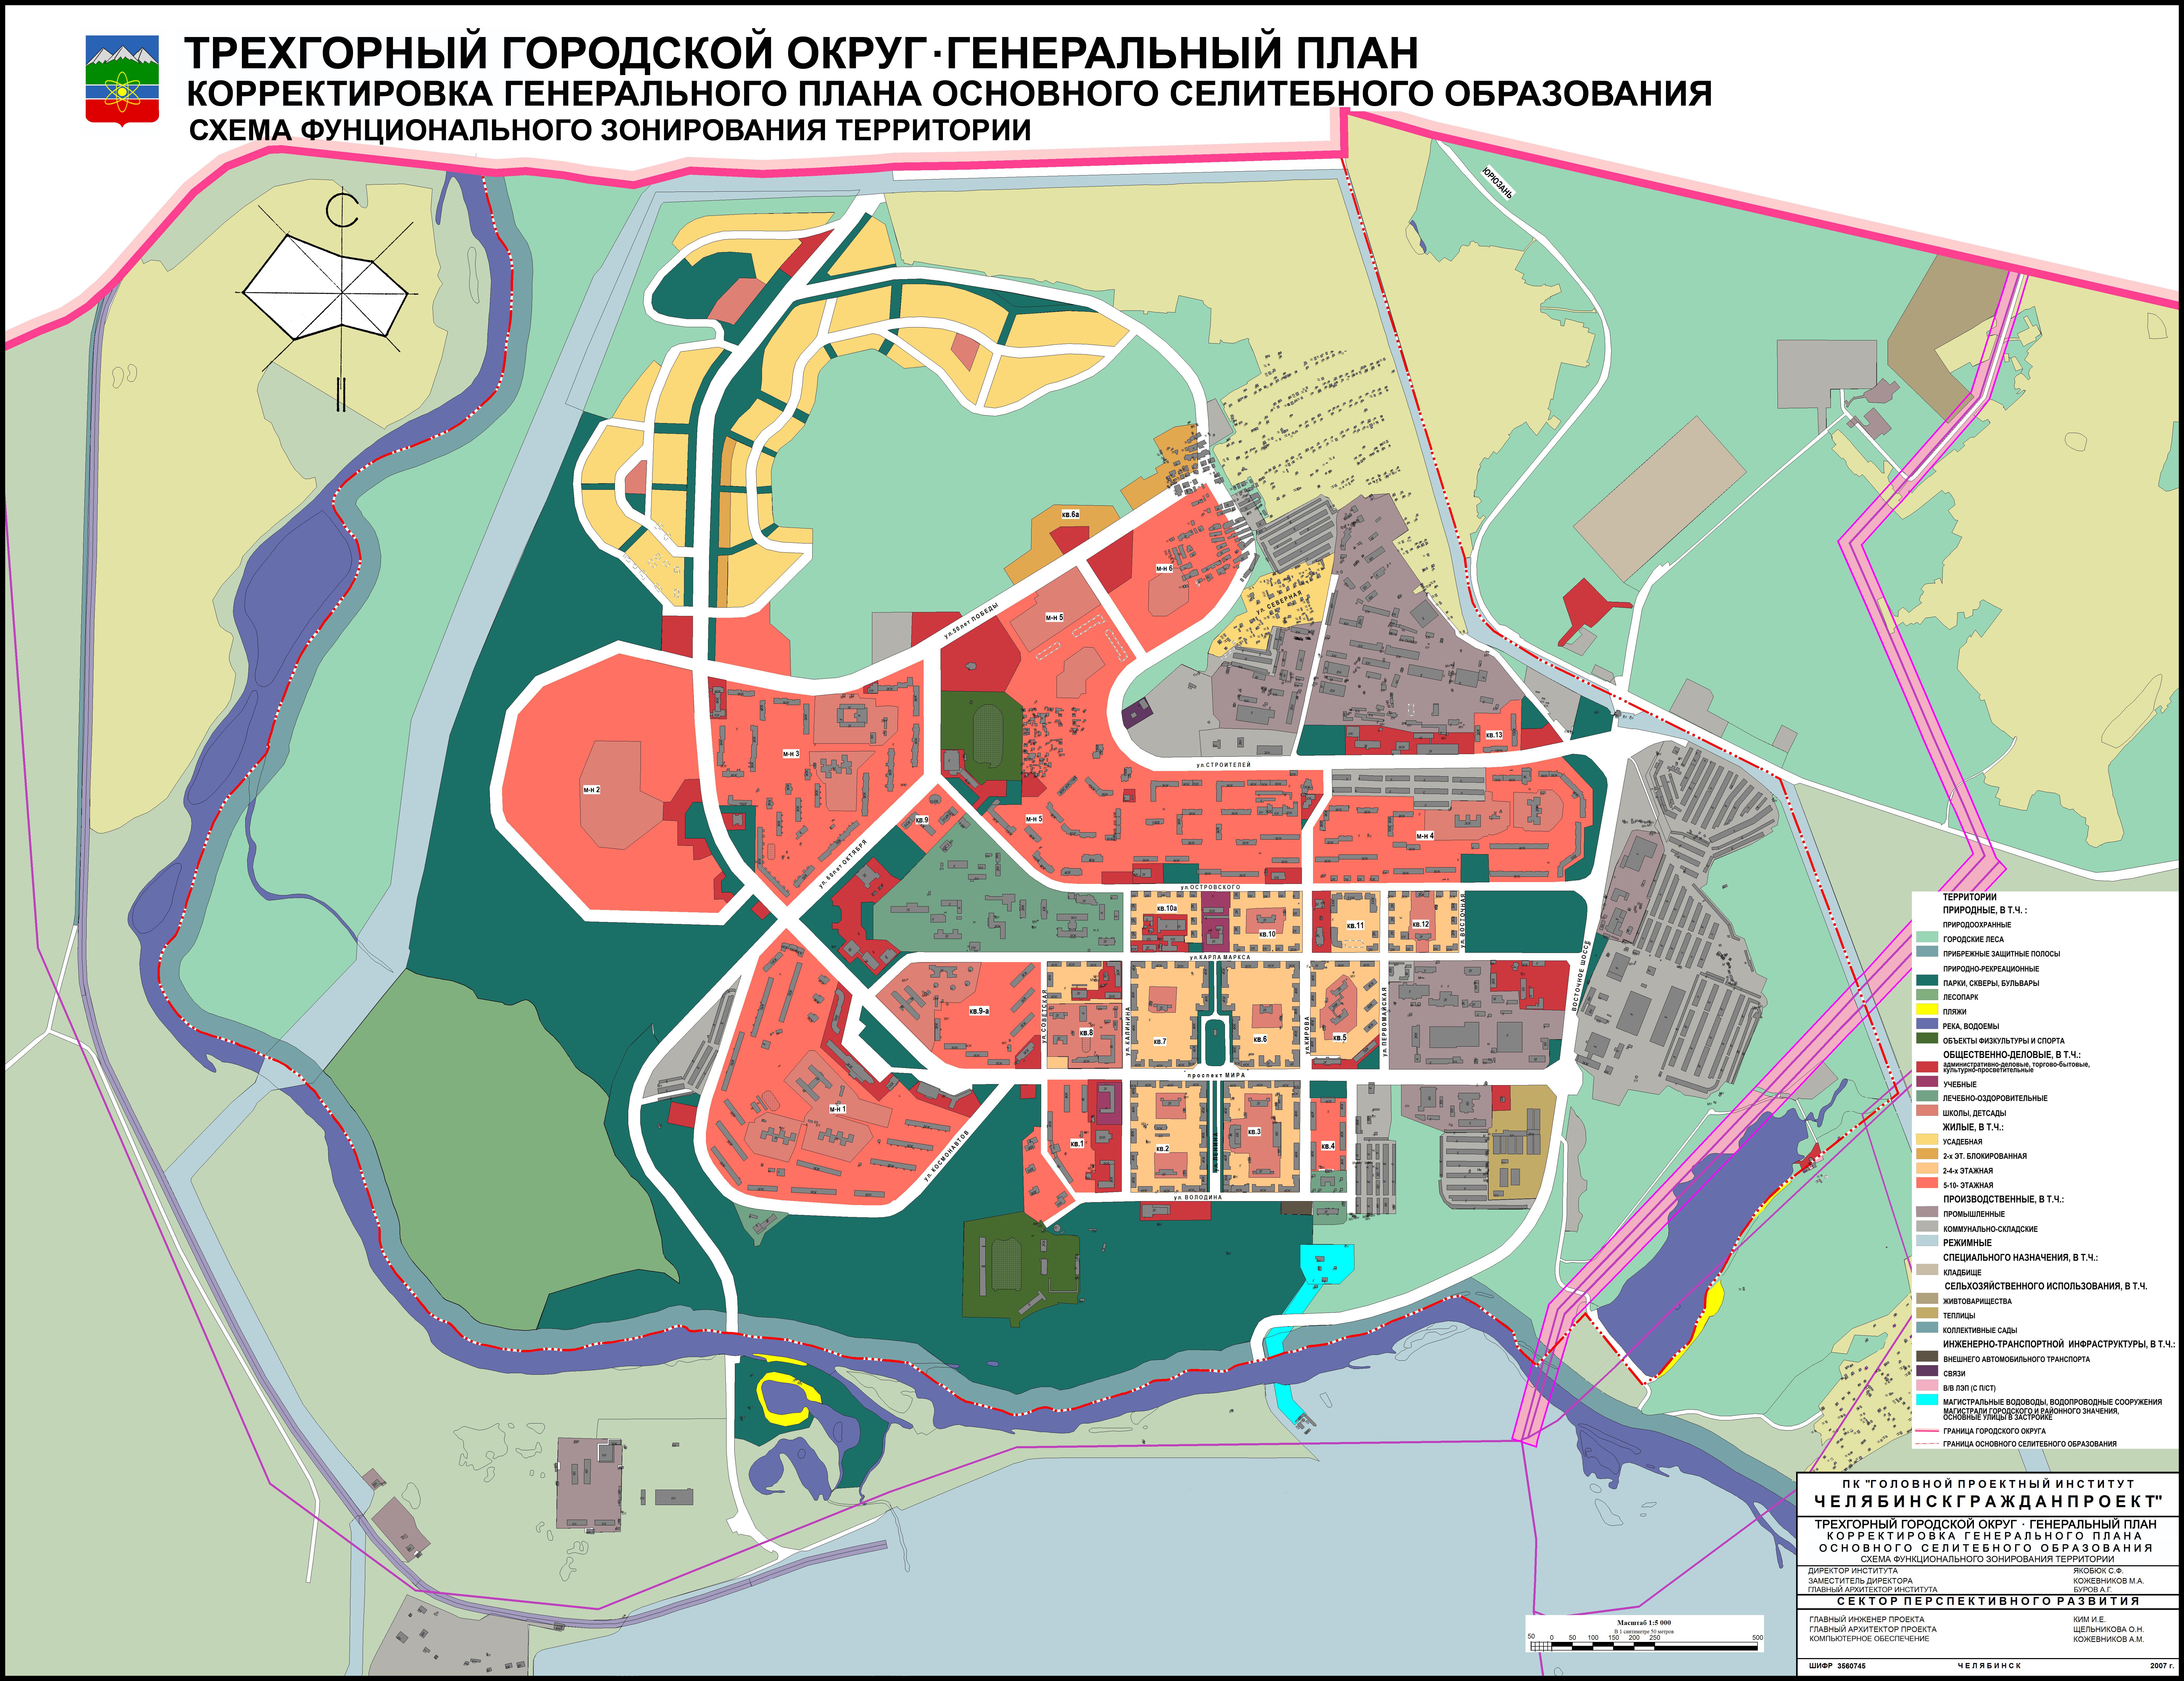 схема генерального плана спортивного сооружения